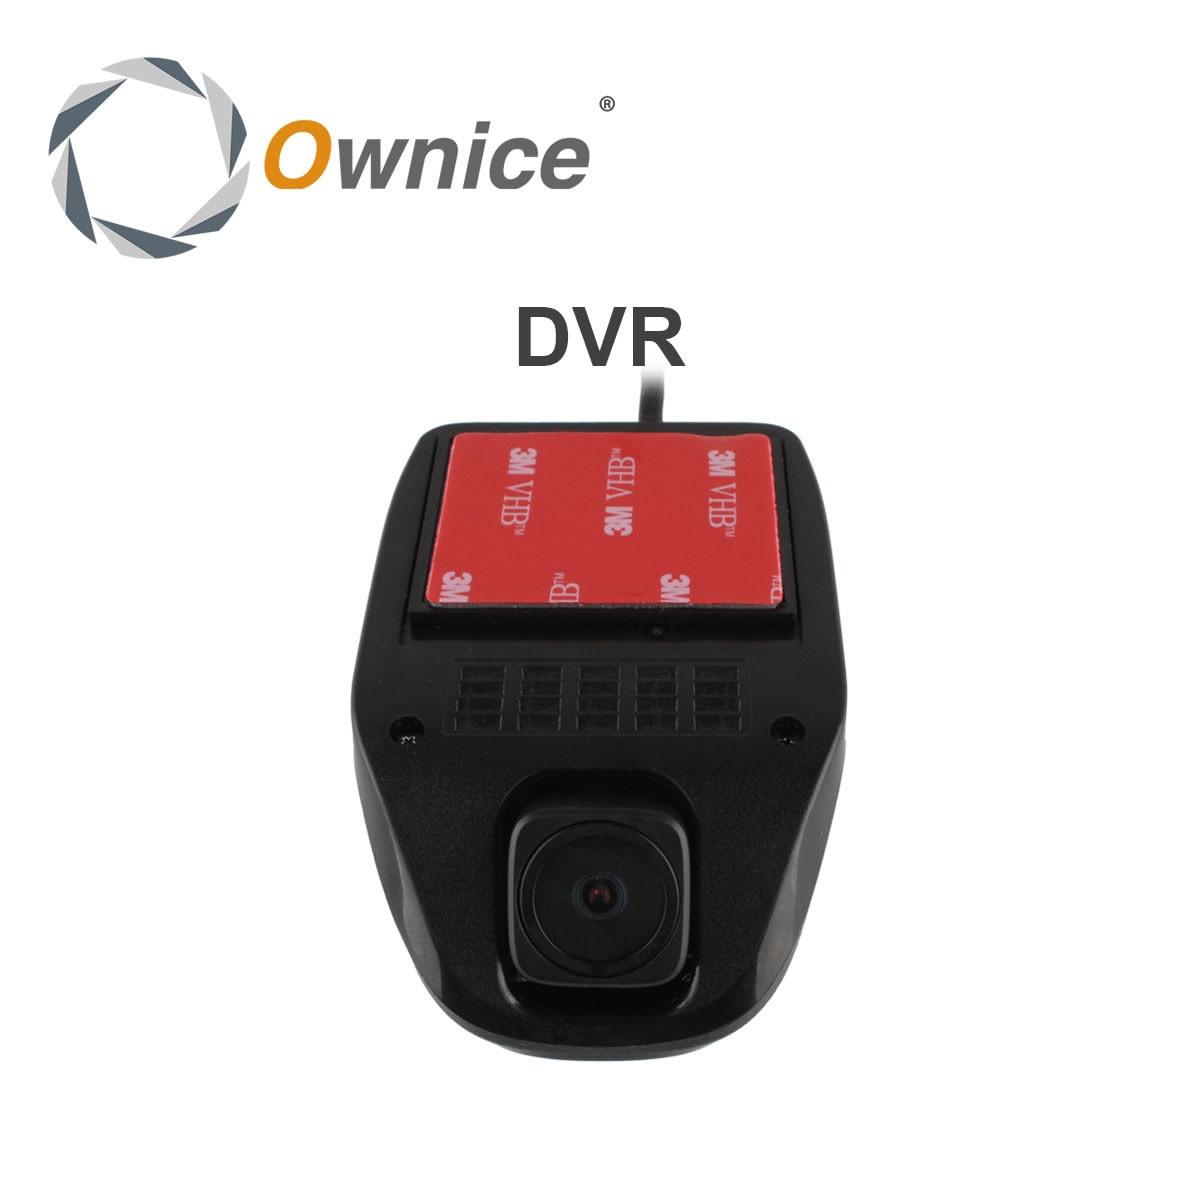 Spezielle DVR ohne Batterie Für Ownice C500 Auto DVD und die DVD herstellung datum muss nach 10th von April, 2017 (enthalten 10th).